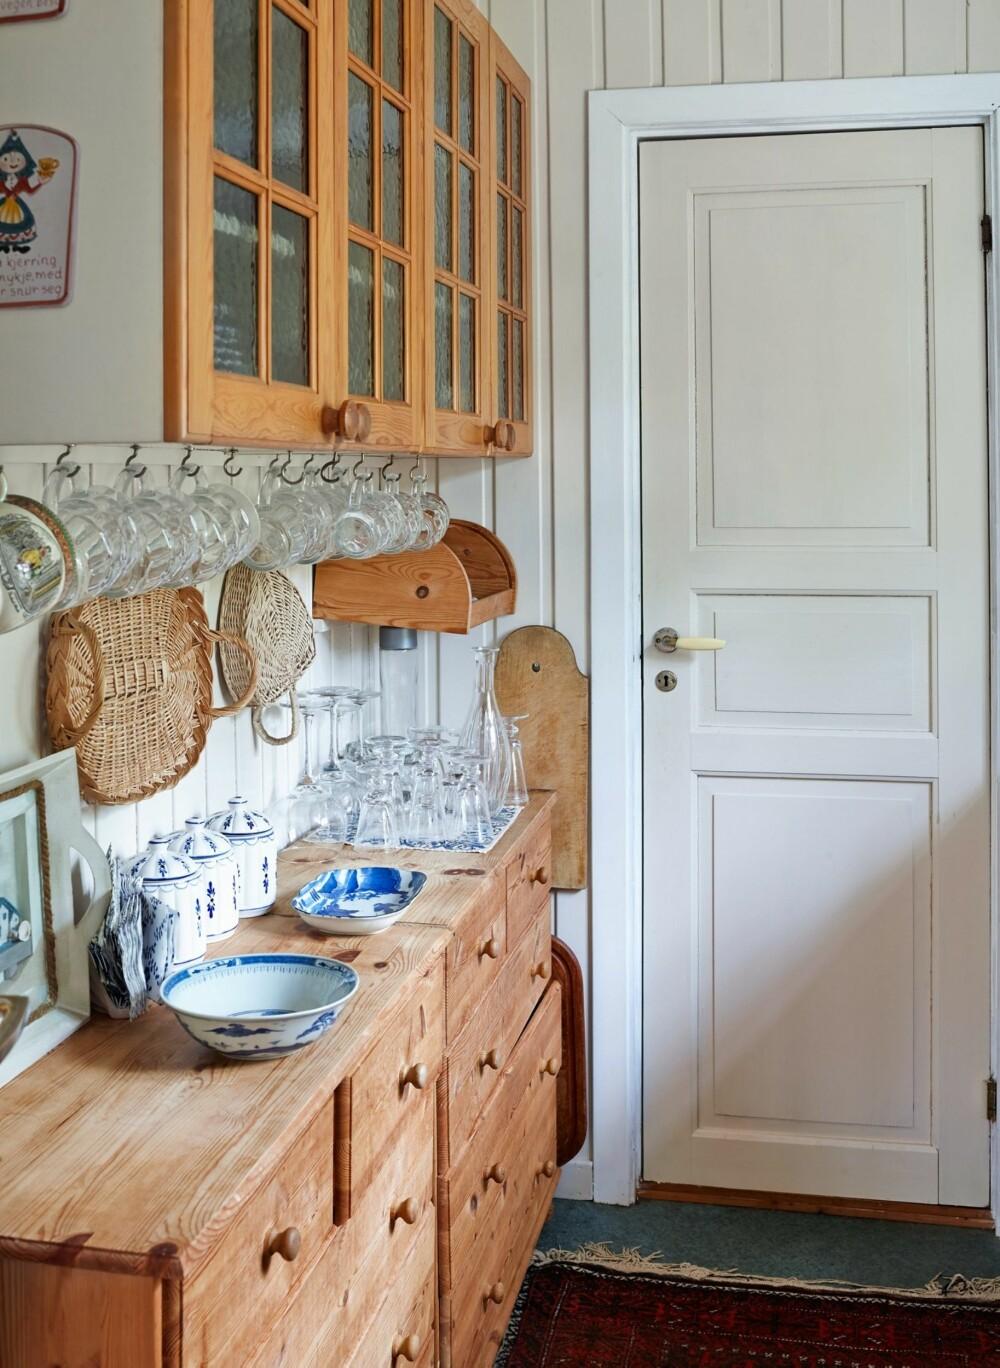 ENKEL TILVÆRELSE: Kjøkkenet har familien satt opp selv. Trefrontene gjør atmosfæren levende og koselig. Kjøkkenet består ellers av gassbluss og sommervann med utslagsvask.